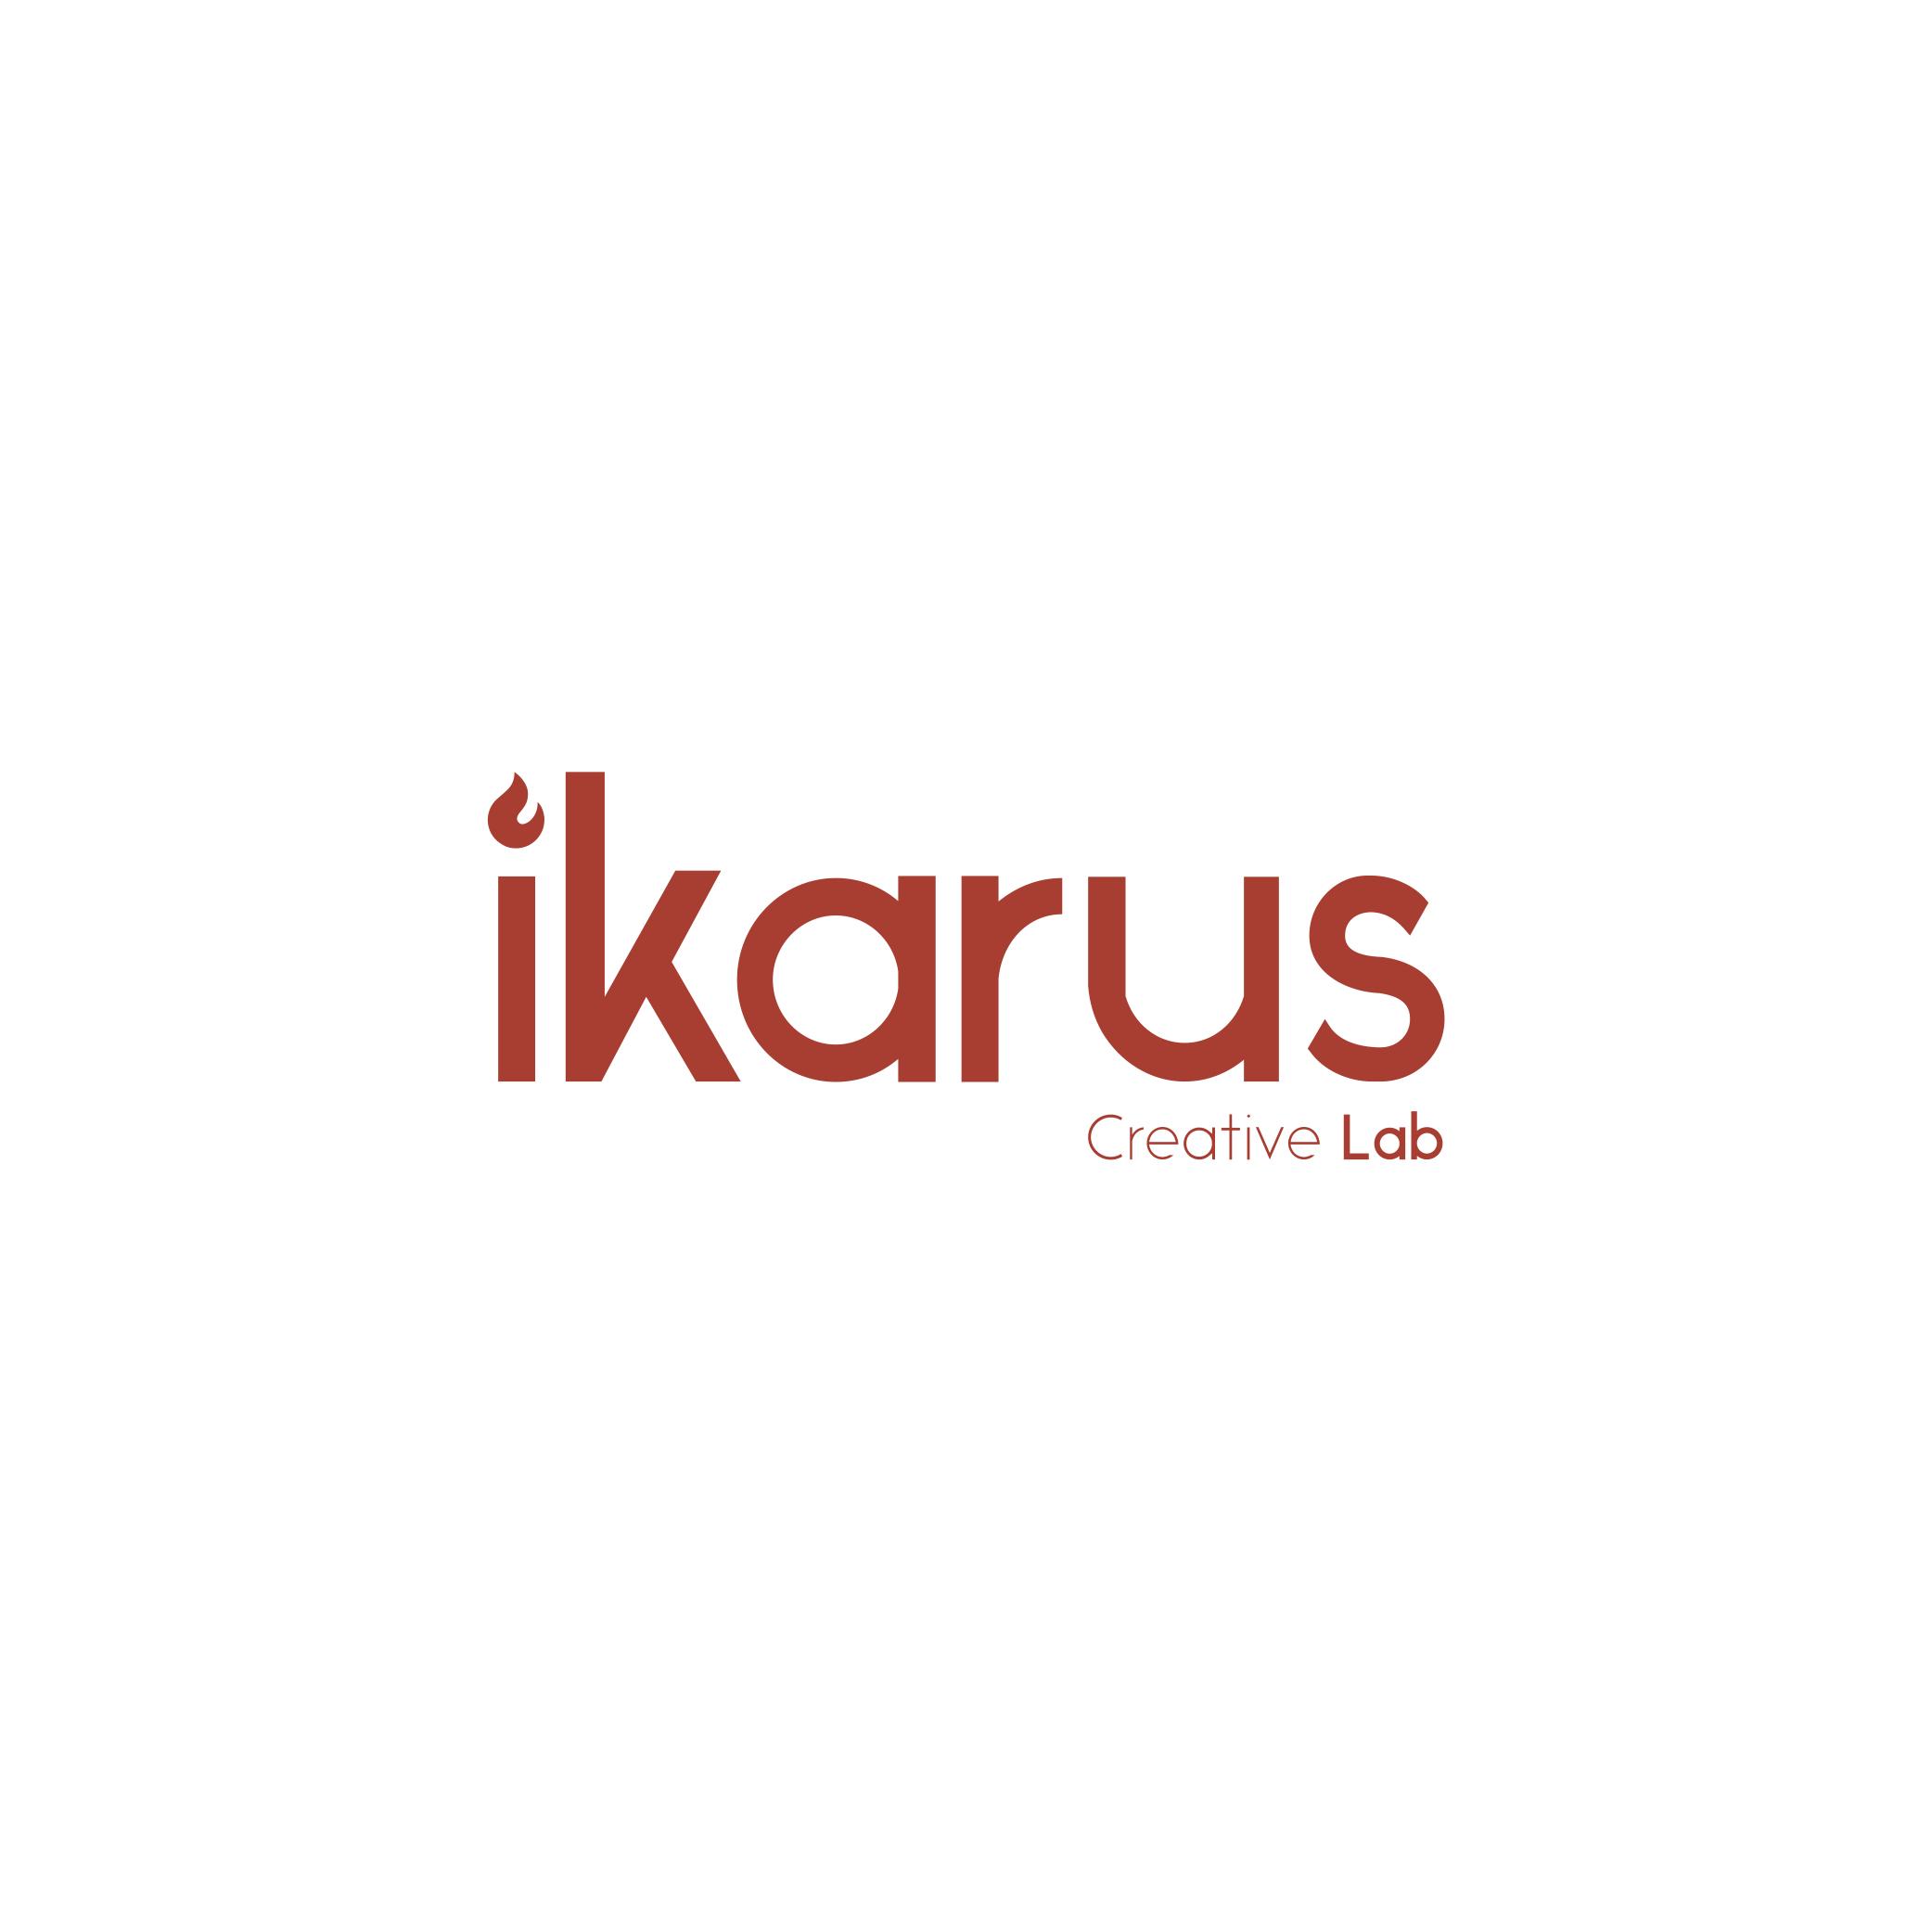 Ikarus Creative Lab